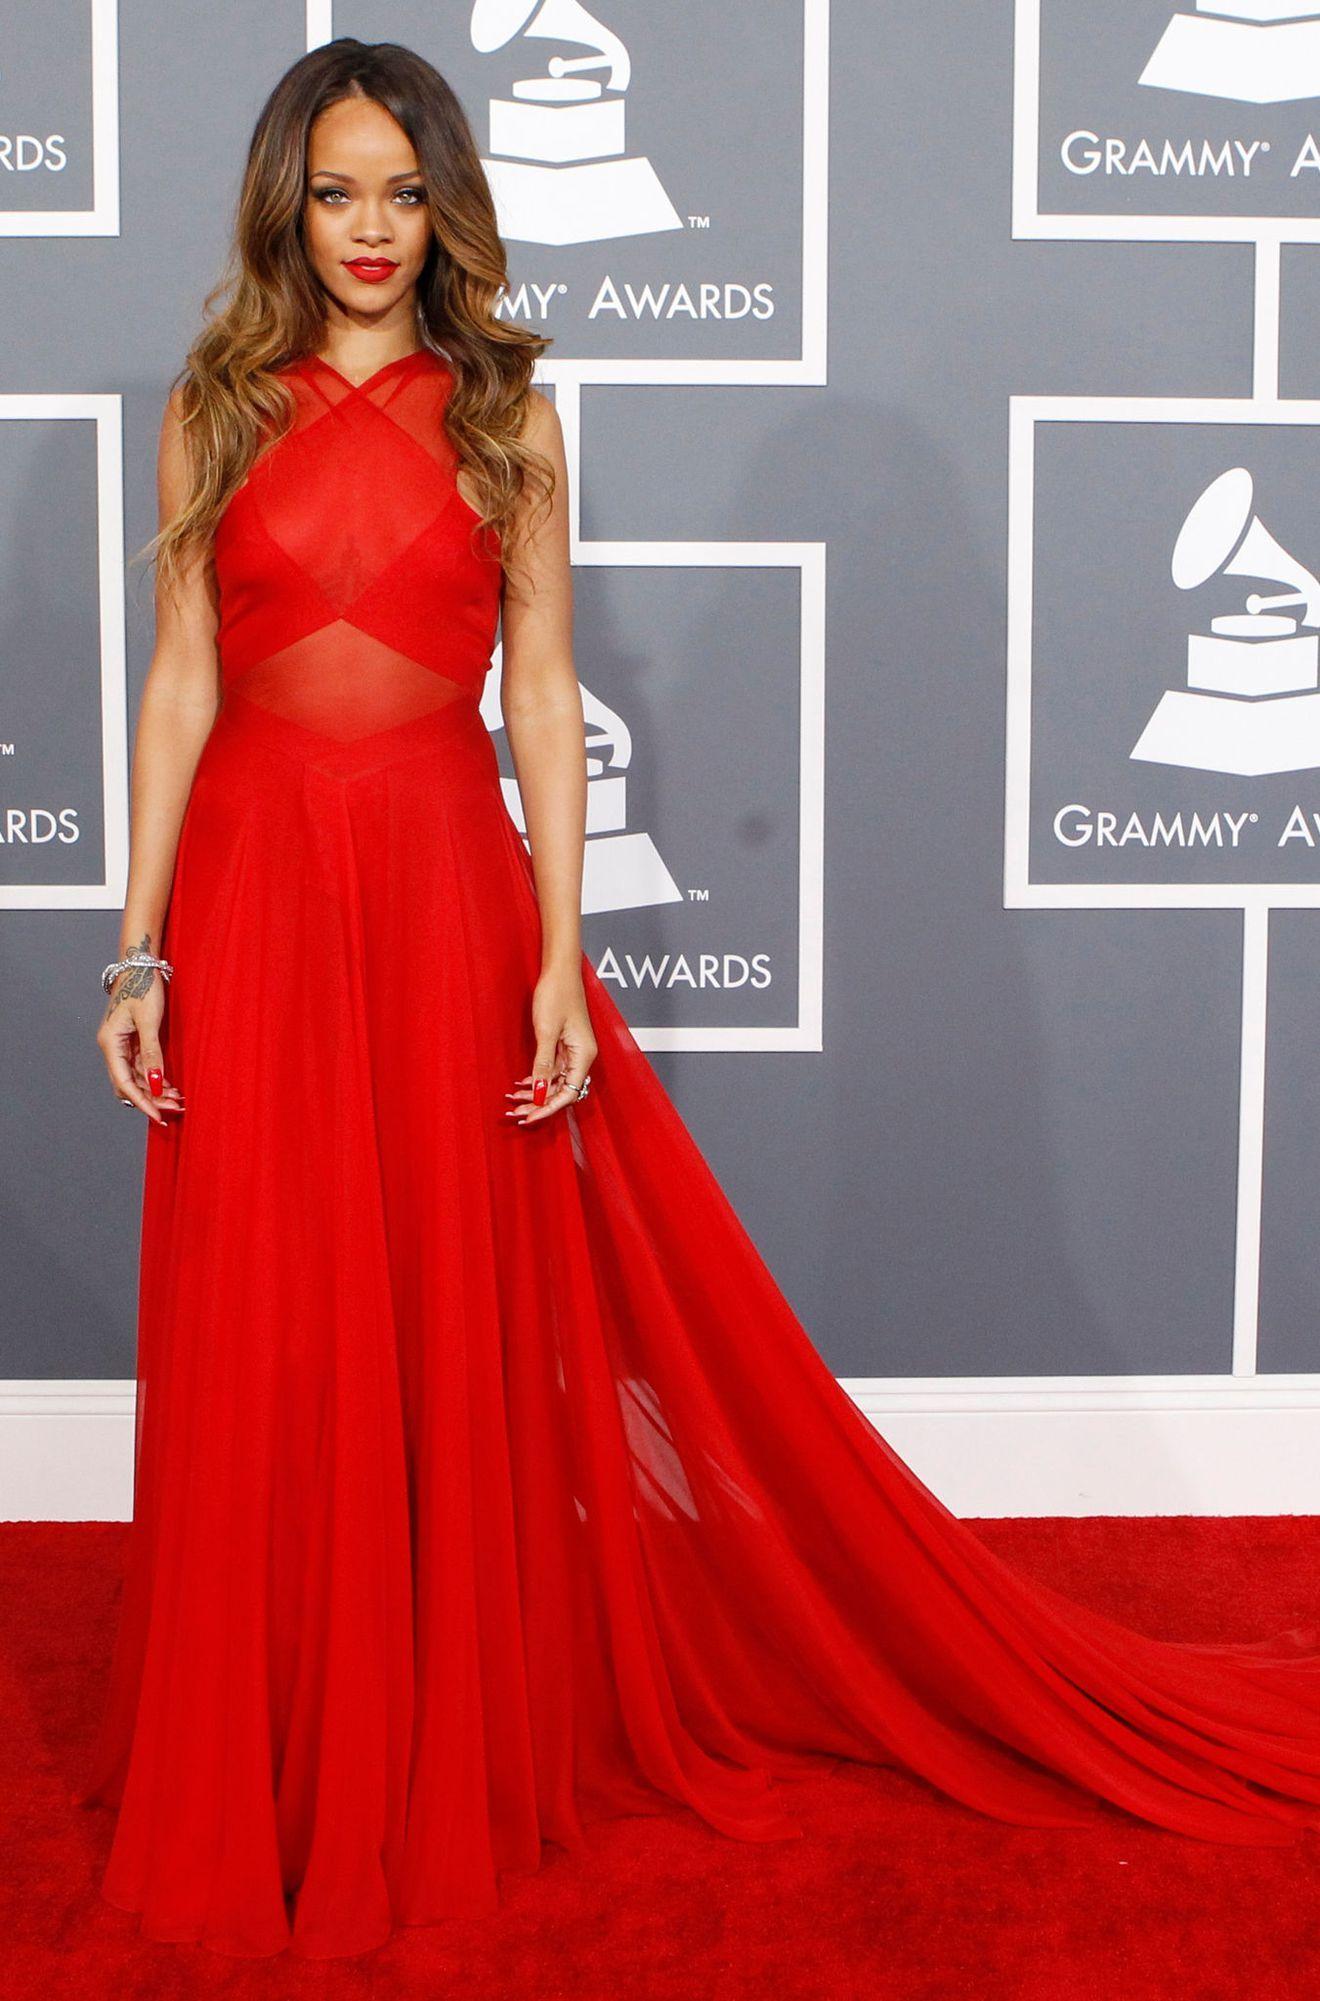 Rihanna, Grammy Awards 2013, Azzedine Alaïa